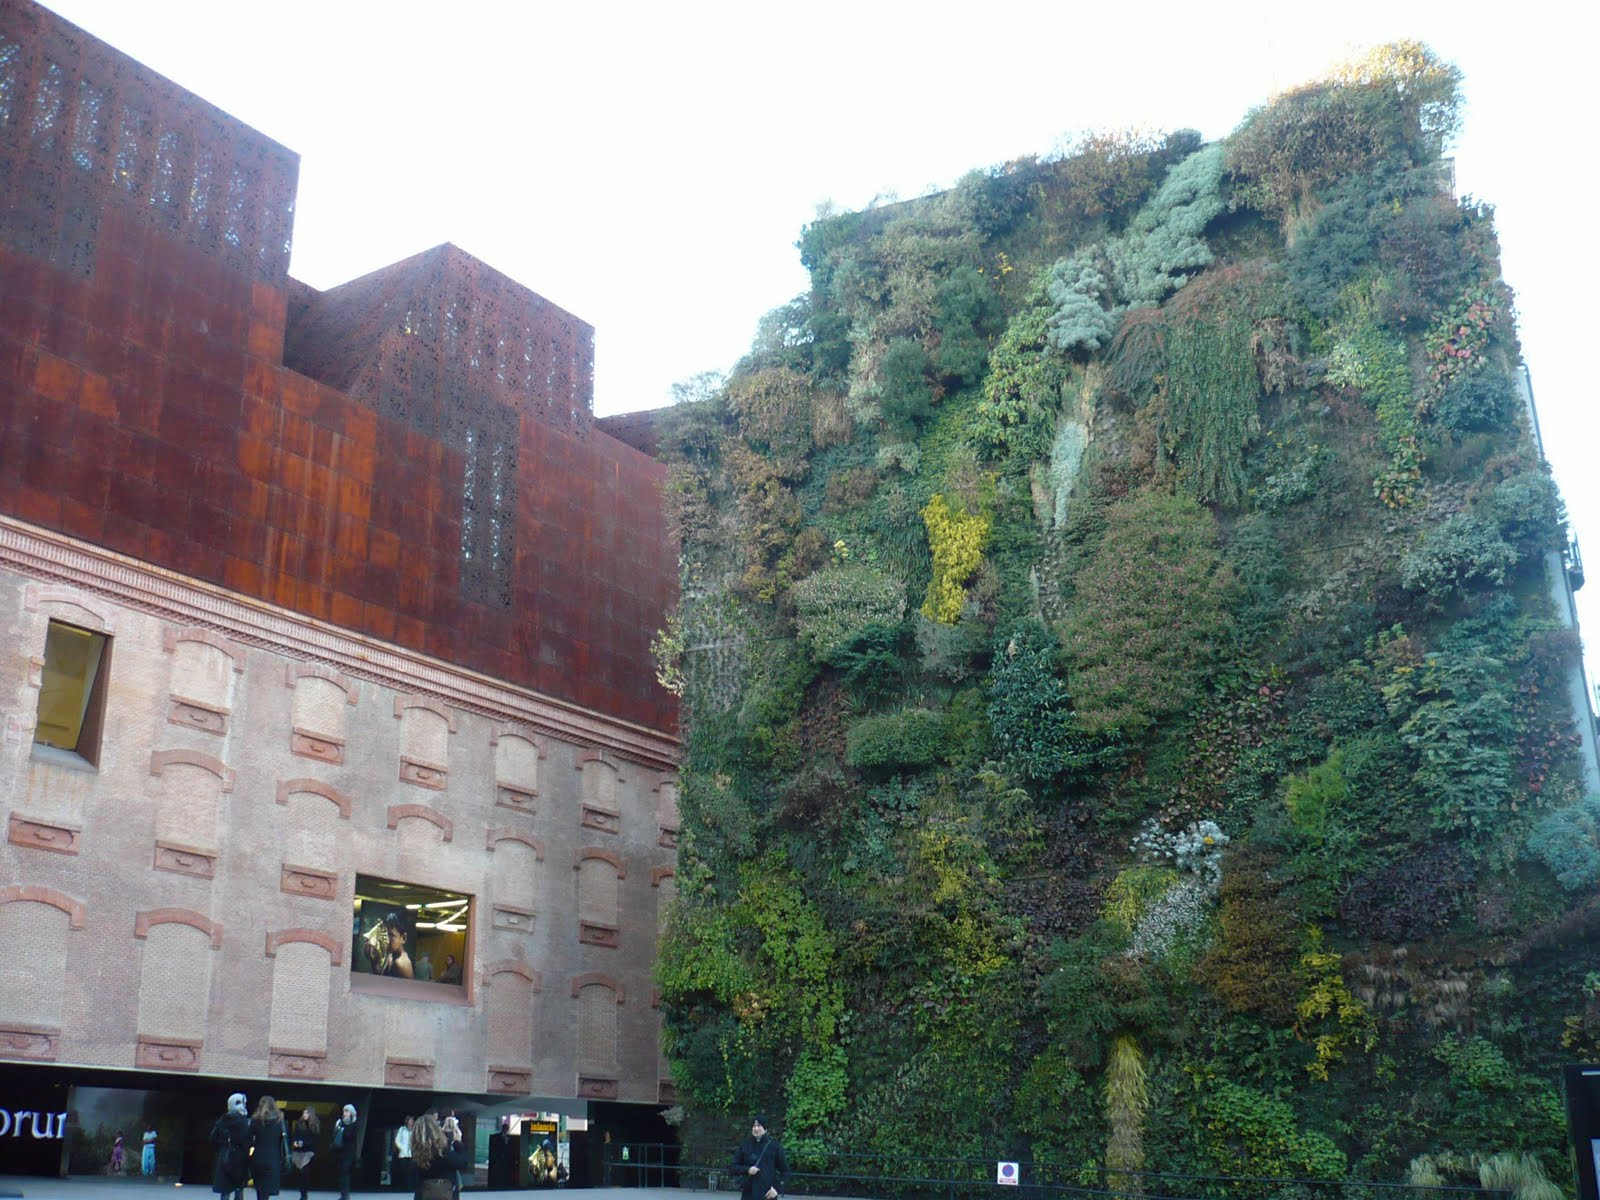 Cultura de sevilla jardines verticales una apuesta de futuro for Jardin vertical madrid